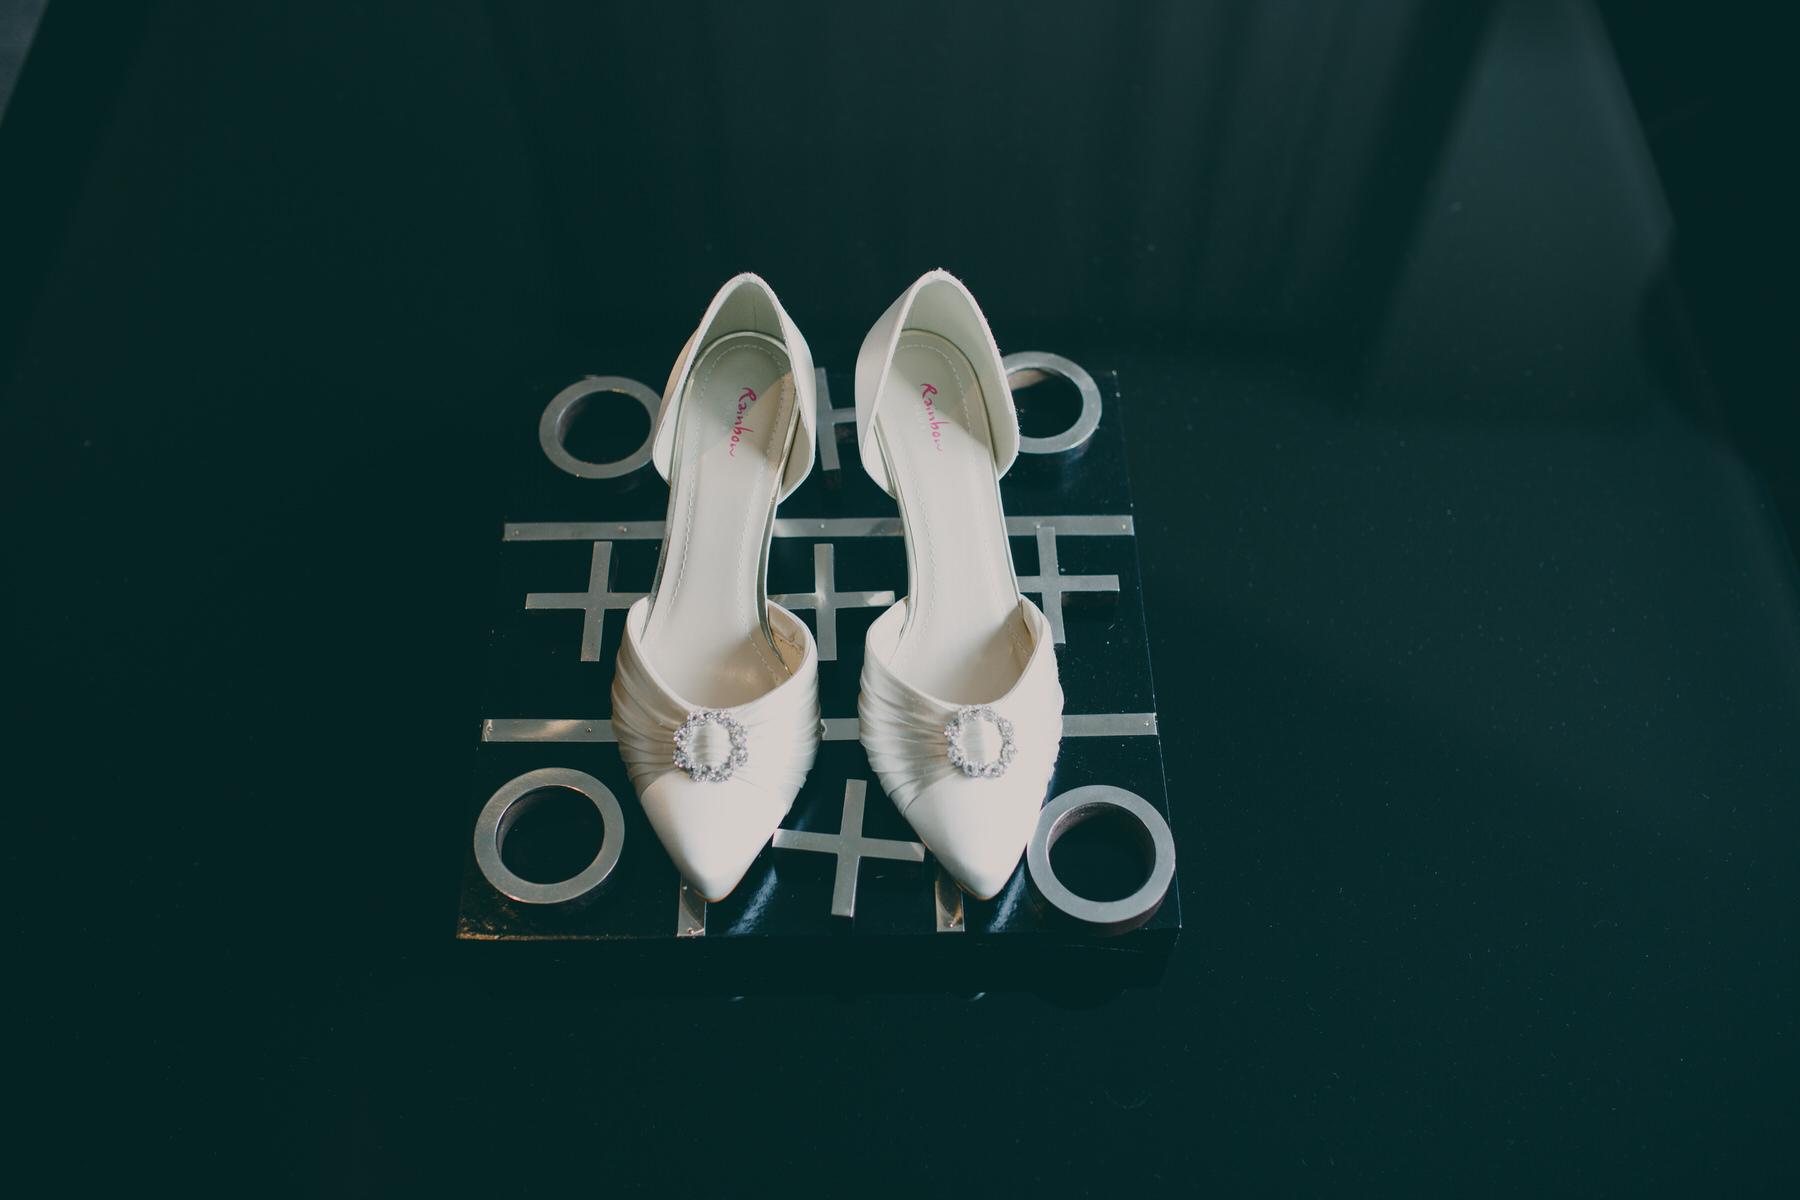 wedding shoe detail nought cross game.jpg